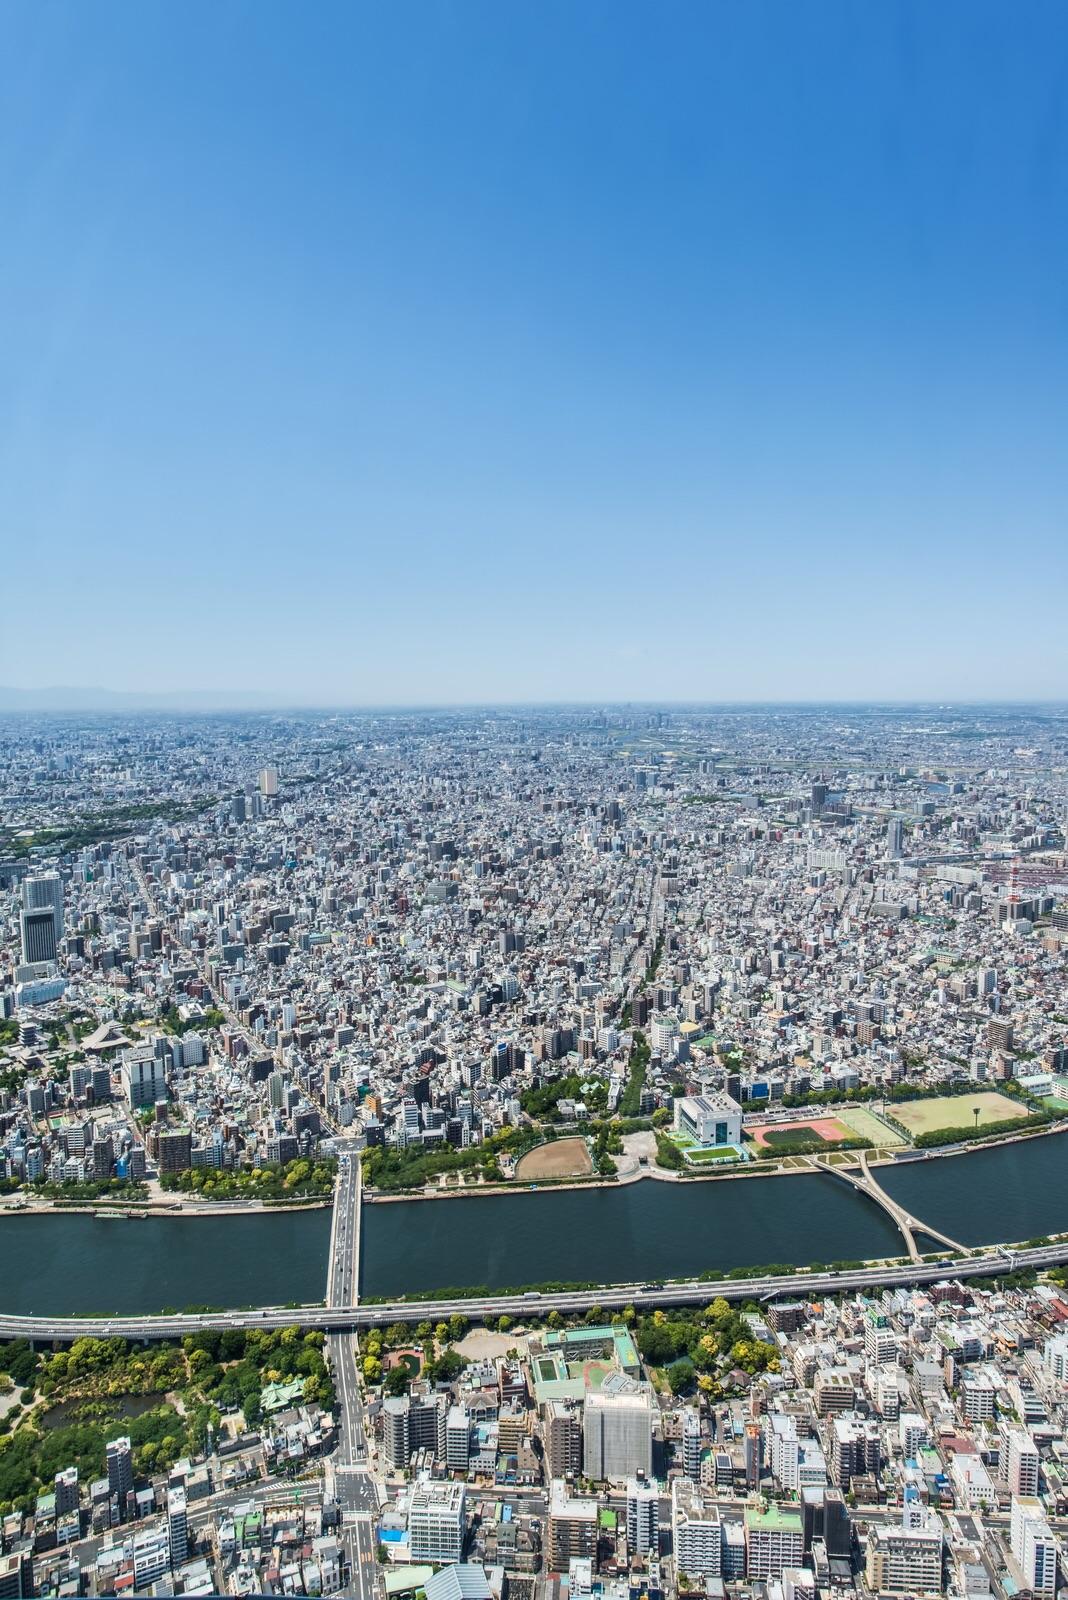 東京・横浜・埼玉の梅雨明け時期 [例年]1951-2015年